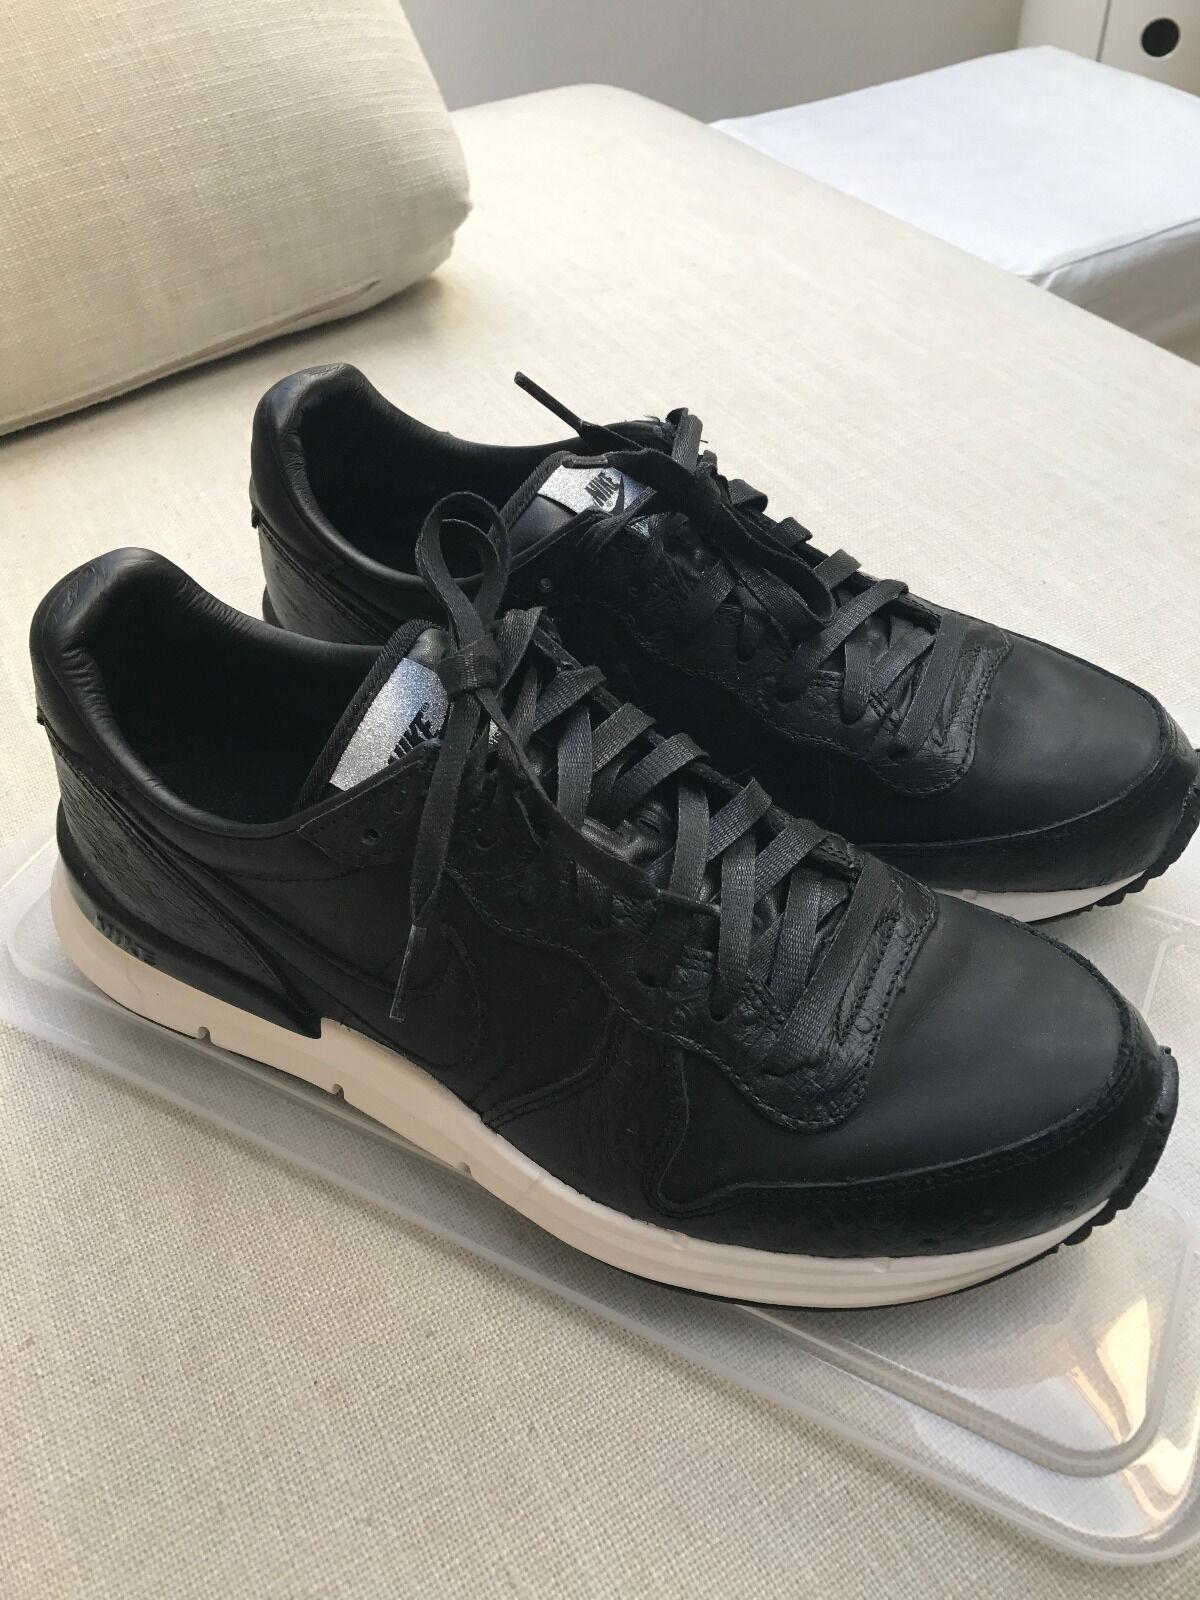 Nike x SOPH Lunar Internationalist